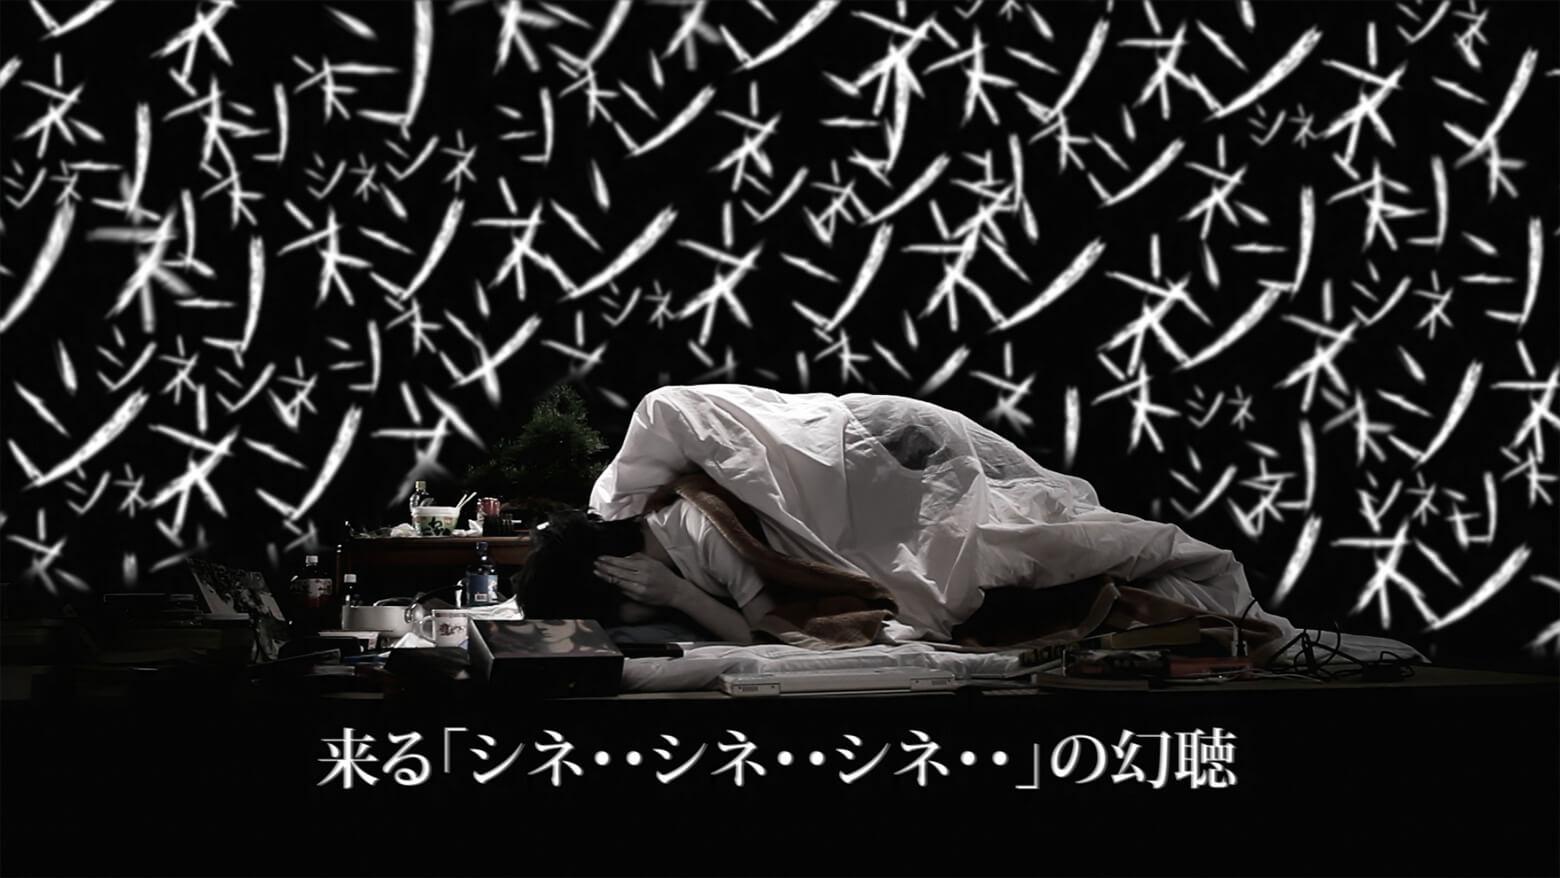 utsu_02